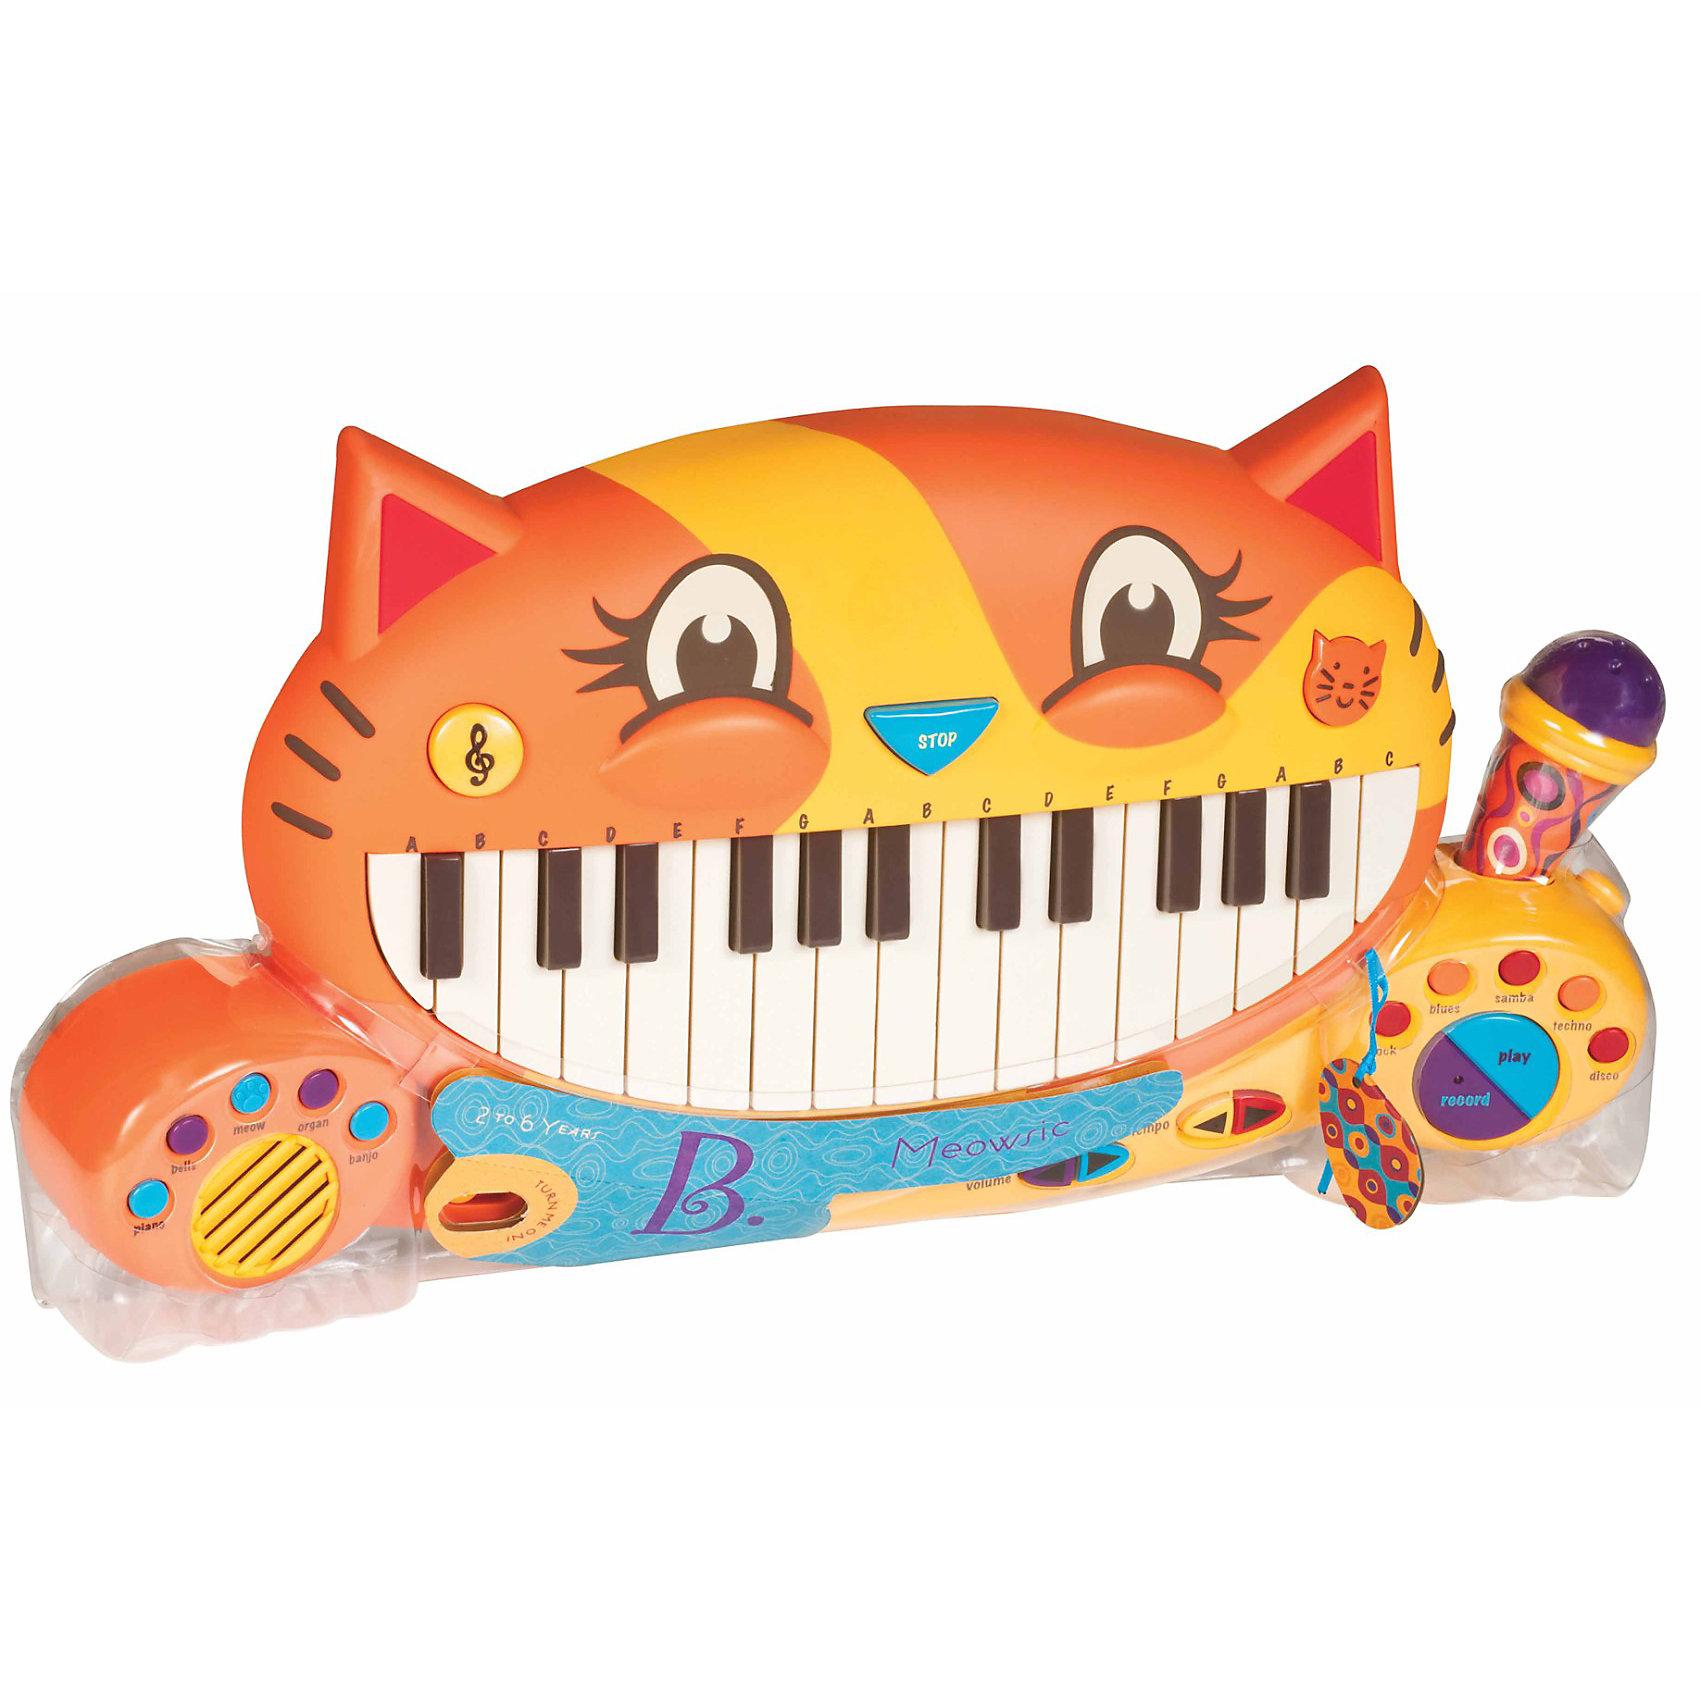 Мини-пианино, B DOTМузыкальные инструменты и игрушки<br>Развивать музыкальные способности можно с детства! Это небольшое пианино очень удобно - его можно брать с собой в дорогу, благодаря продуманной форме хранится она очень компактно. Игра на музыкальных инструментах развивает также мелкую моторику и художественный вкус. Такая игрушка надолго занимает детей и помогает увлекательно провести время!<br>Это пианино имеет 28 клавиш и много кнопок - оно может играть как колокольчик, орган, банджо, а так же мяукать. Если нажать на кнопку со скрипичным ключом, малыш услышит семь разных мелодий, а при нажатии на кнопку в виде мордочки кота - двадцать песен на английском языке. Также можно записать свои мелодии и слушать их. Пианино дополнено микрофоном и кнопками регулирования громкости голоса, звука и темпа мелодий. Игрушка разработана опытными специалистами, сделана из высококачественных материалов, безопасных для детей.<br><br>Дополнительная информация:<br><br>материал: пластик;<br>размер: 48 х 27 x 5 см;<br>в комплекте: 4 батарейки 1,5V АА .<br><br>Мини-пианино от компании B DOT можно купить в нашем магазине.<br><br>Ширина мм: 510<br>Глубина мм: 250<br>Высота мм: 70<br>Вес г: 270<br>Возраст от месяцев: 36<br>Возраст до месяцев: 72<br>Пол: Унисекс<br>Возраст: Детский<br>SKU: 2329020